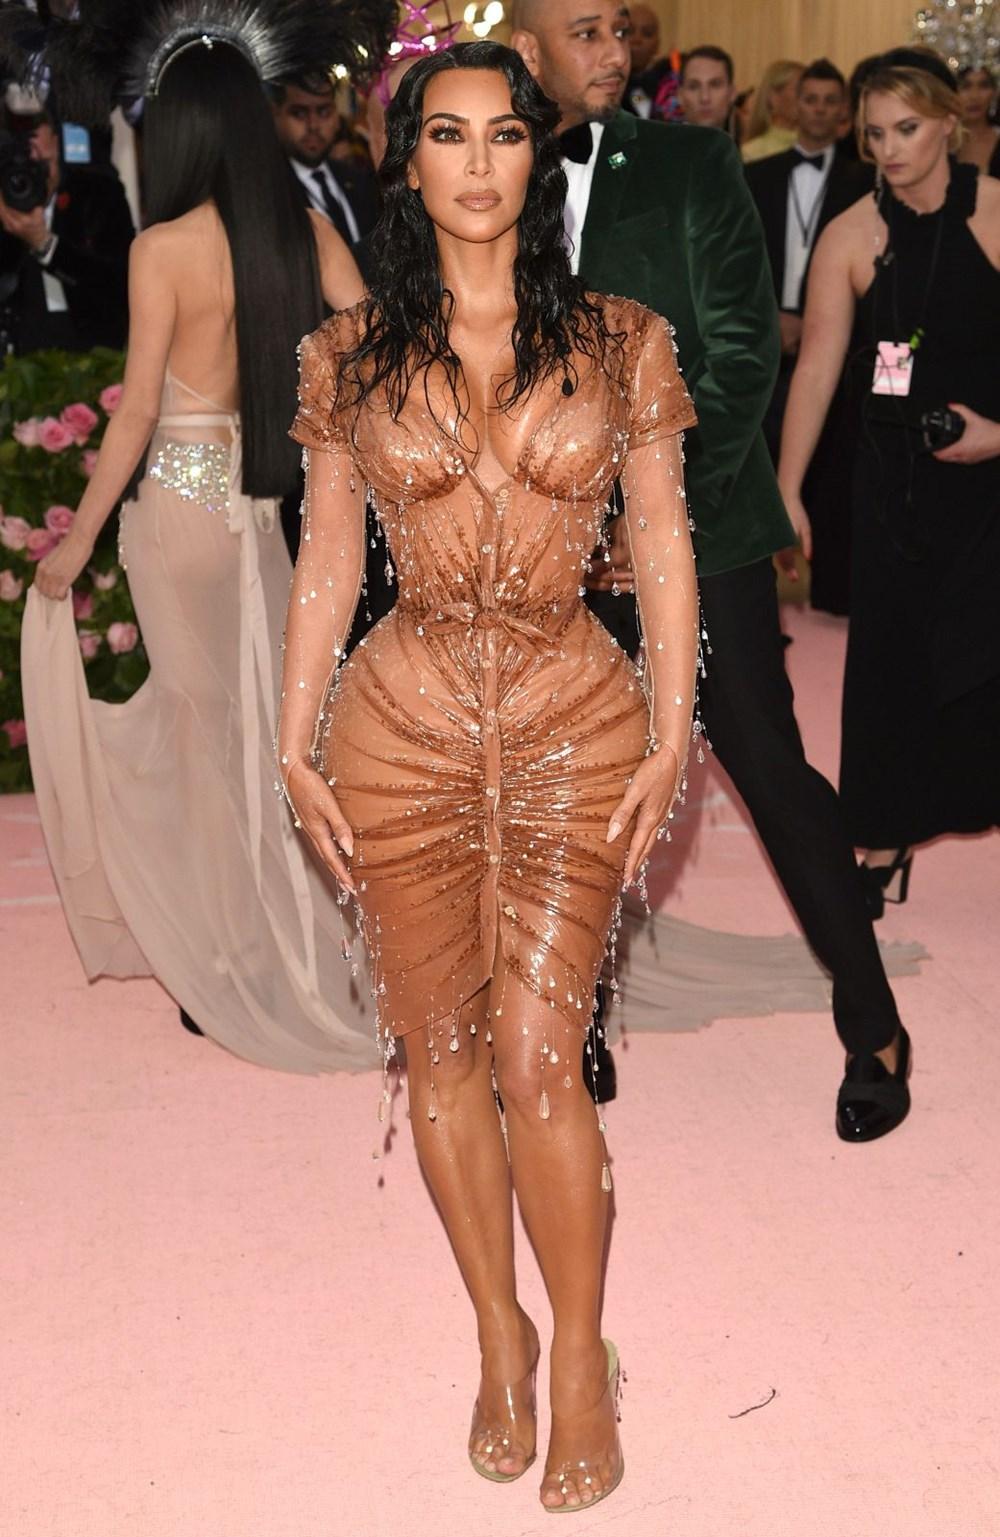 Kim Kardashian'ın imzasındaki ayrıntı - 7